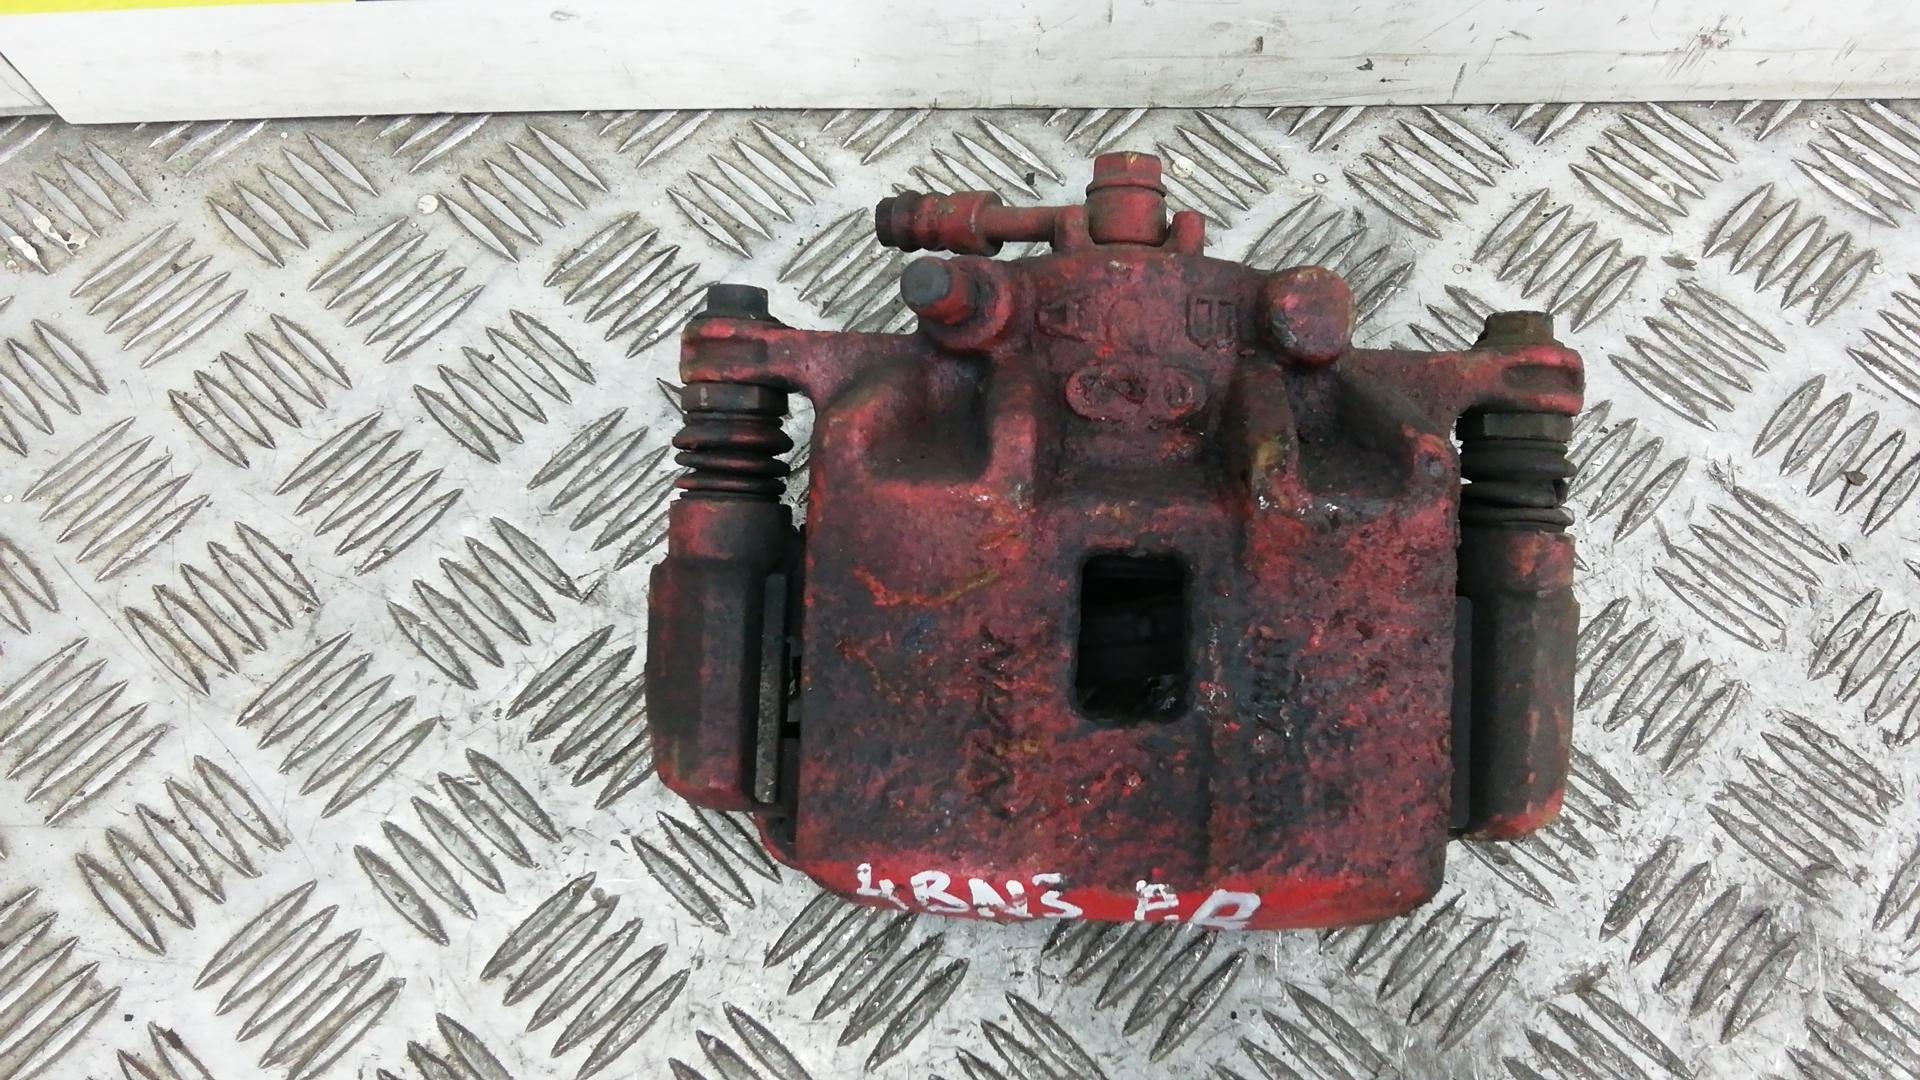 Суппорт тормозной передний правый, HONDA, CIVIC 8, 2007